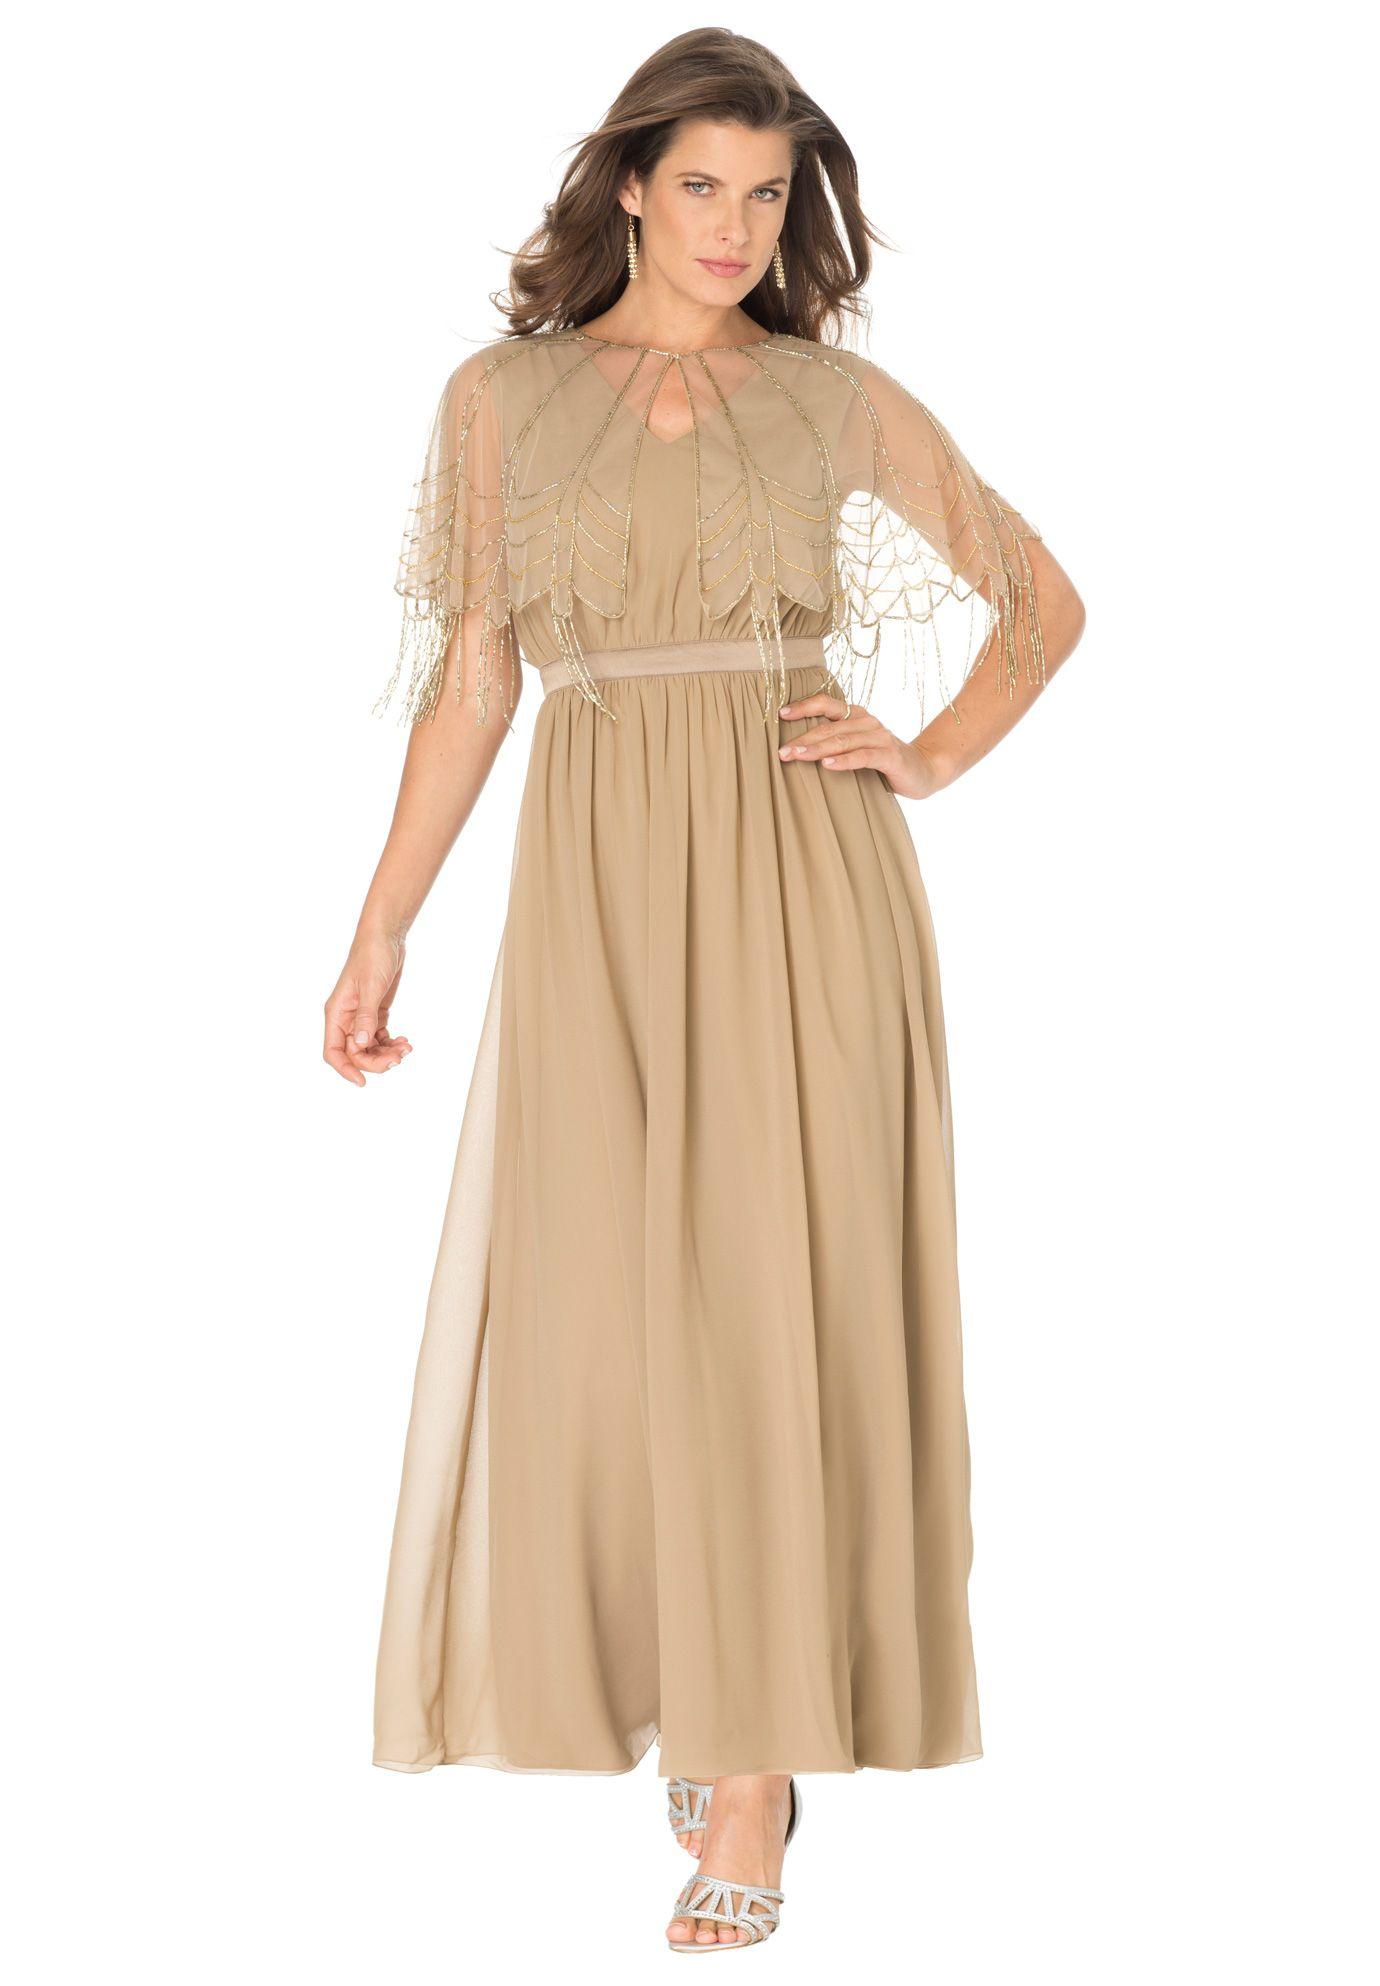 Plus size capelet jacket dress dress ideas pinterest